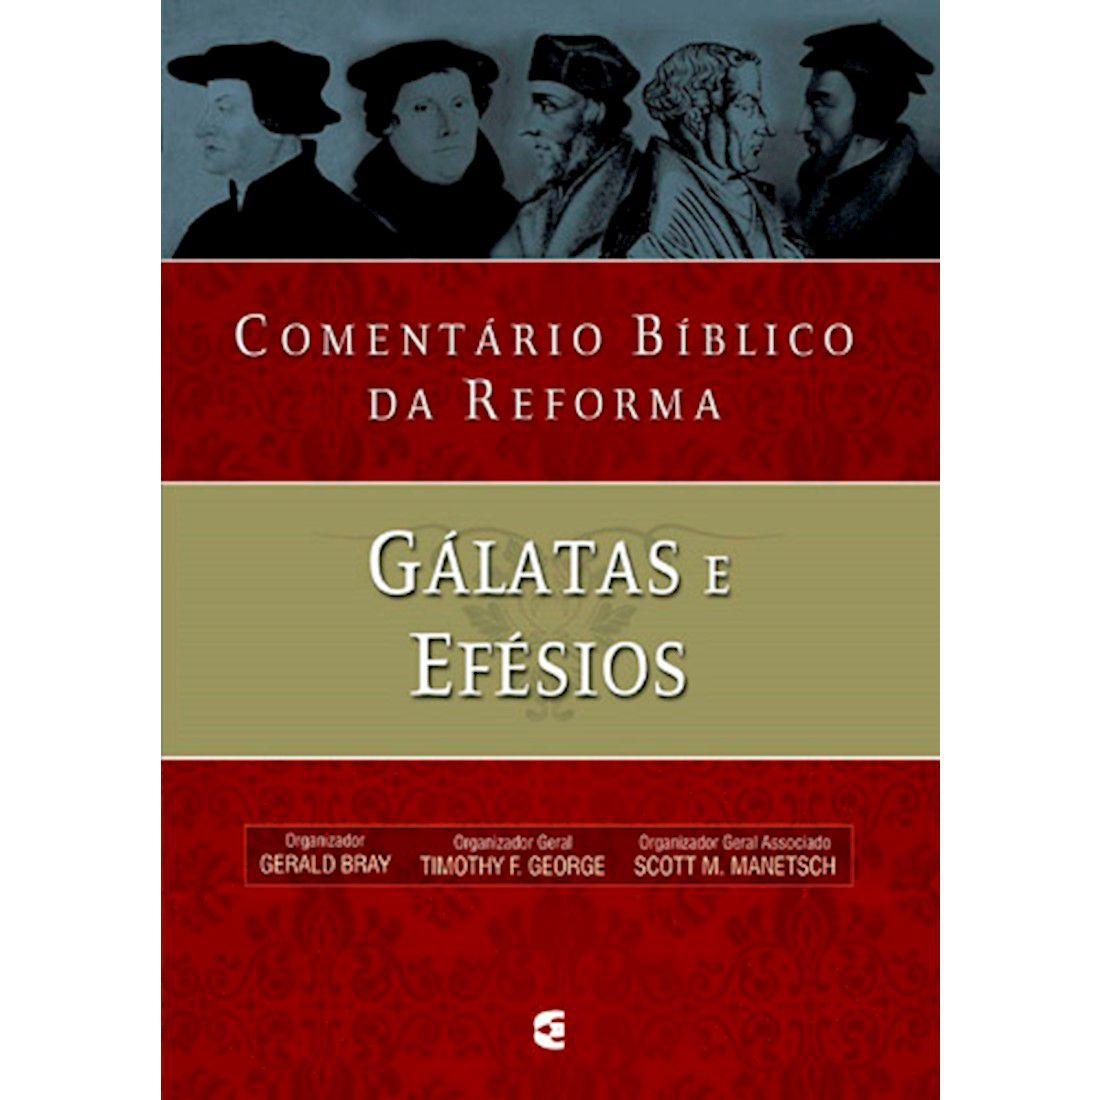 Livro Comentário Bíblico da Reforma - Gálatas e Efésios